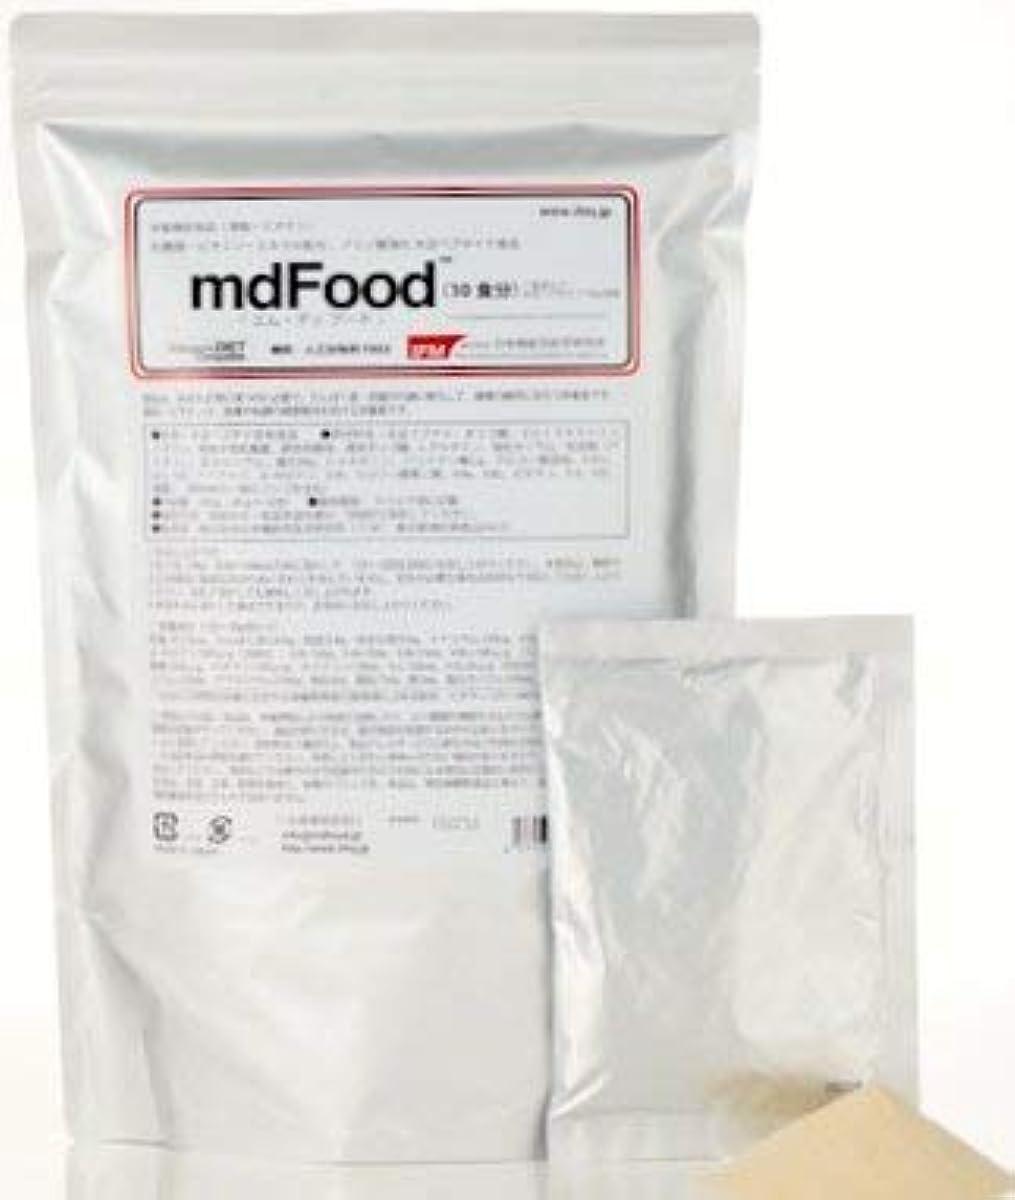 ディプロマ自動的に警告日本機能性医学研究所 mdFood 「エムディ?フード」10食分